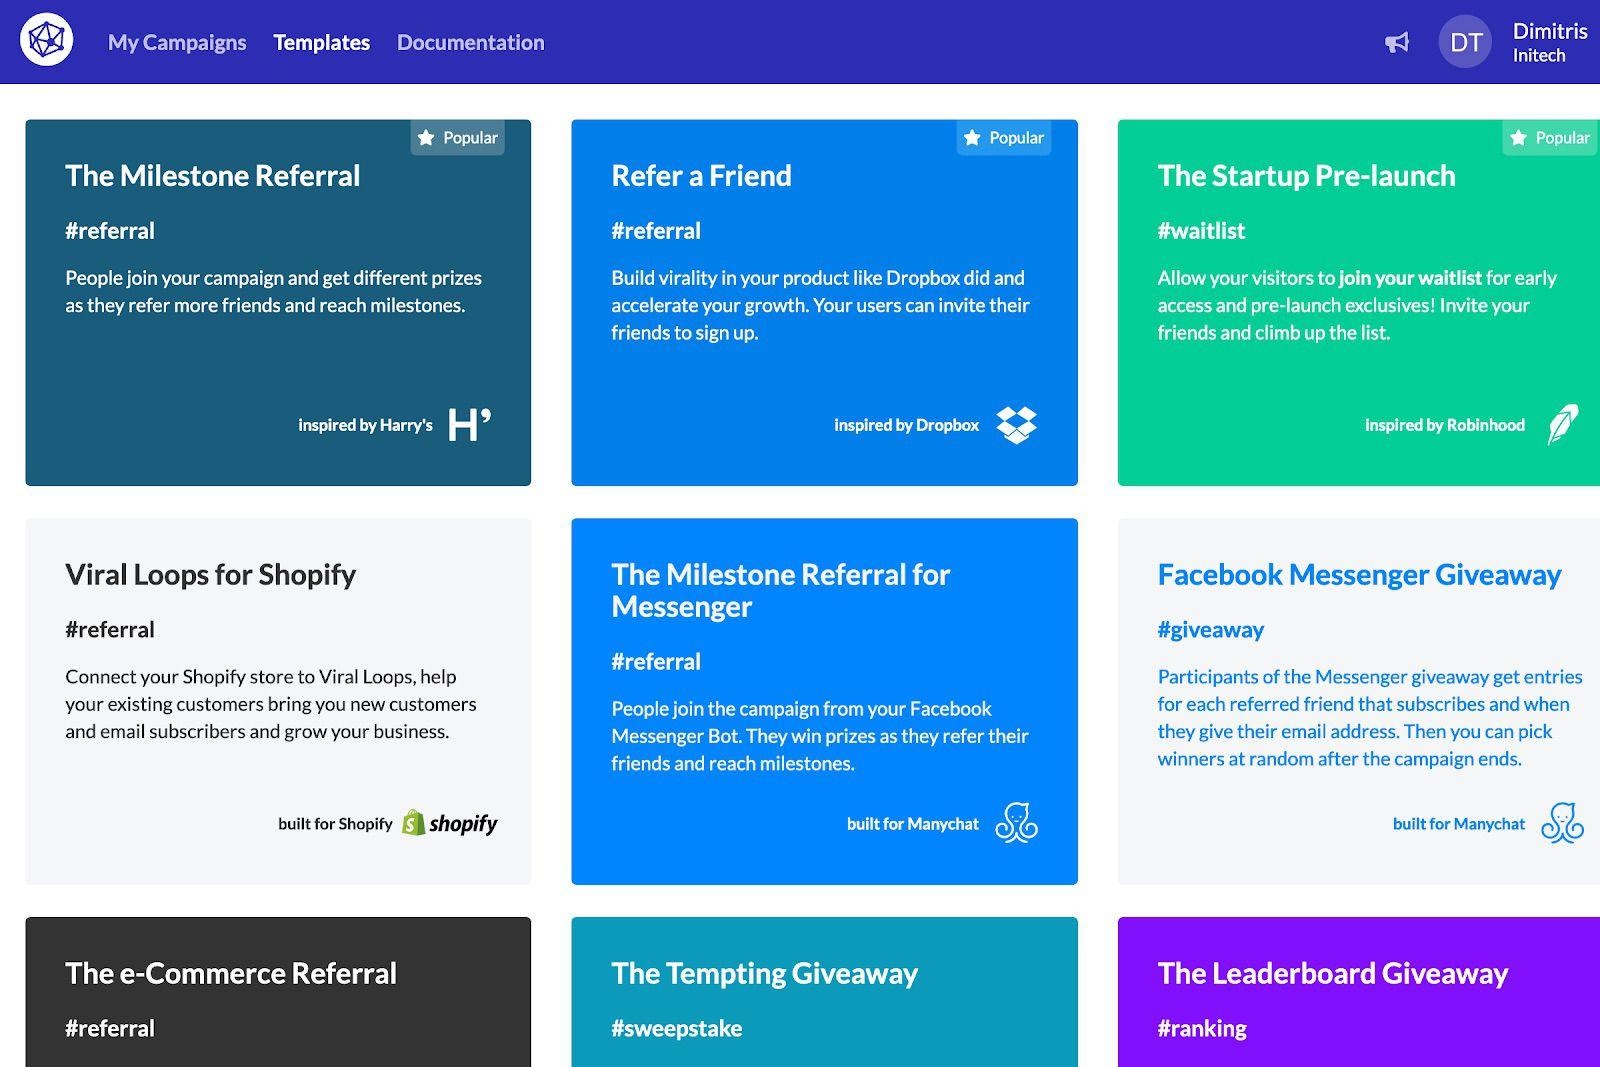 Les différentes campagnes proposées sur l'outil Viral Loops